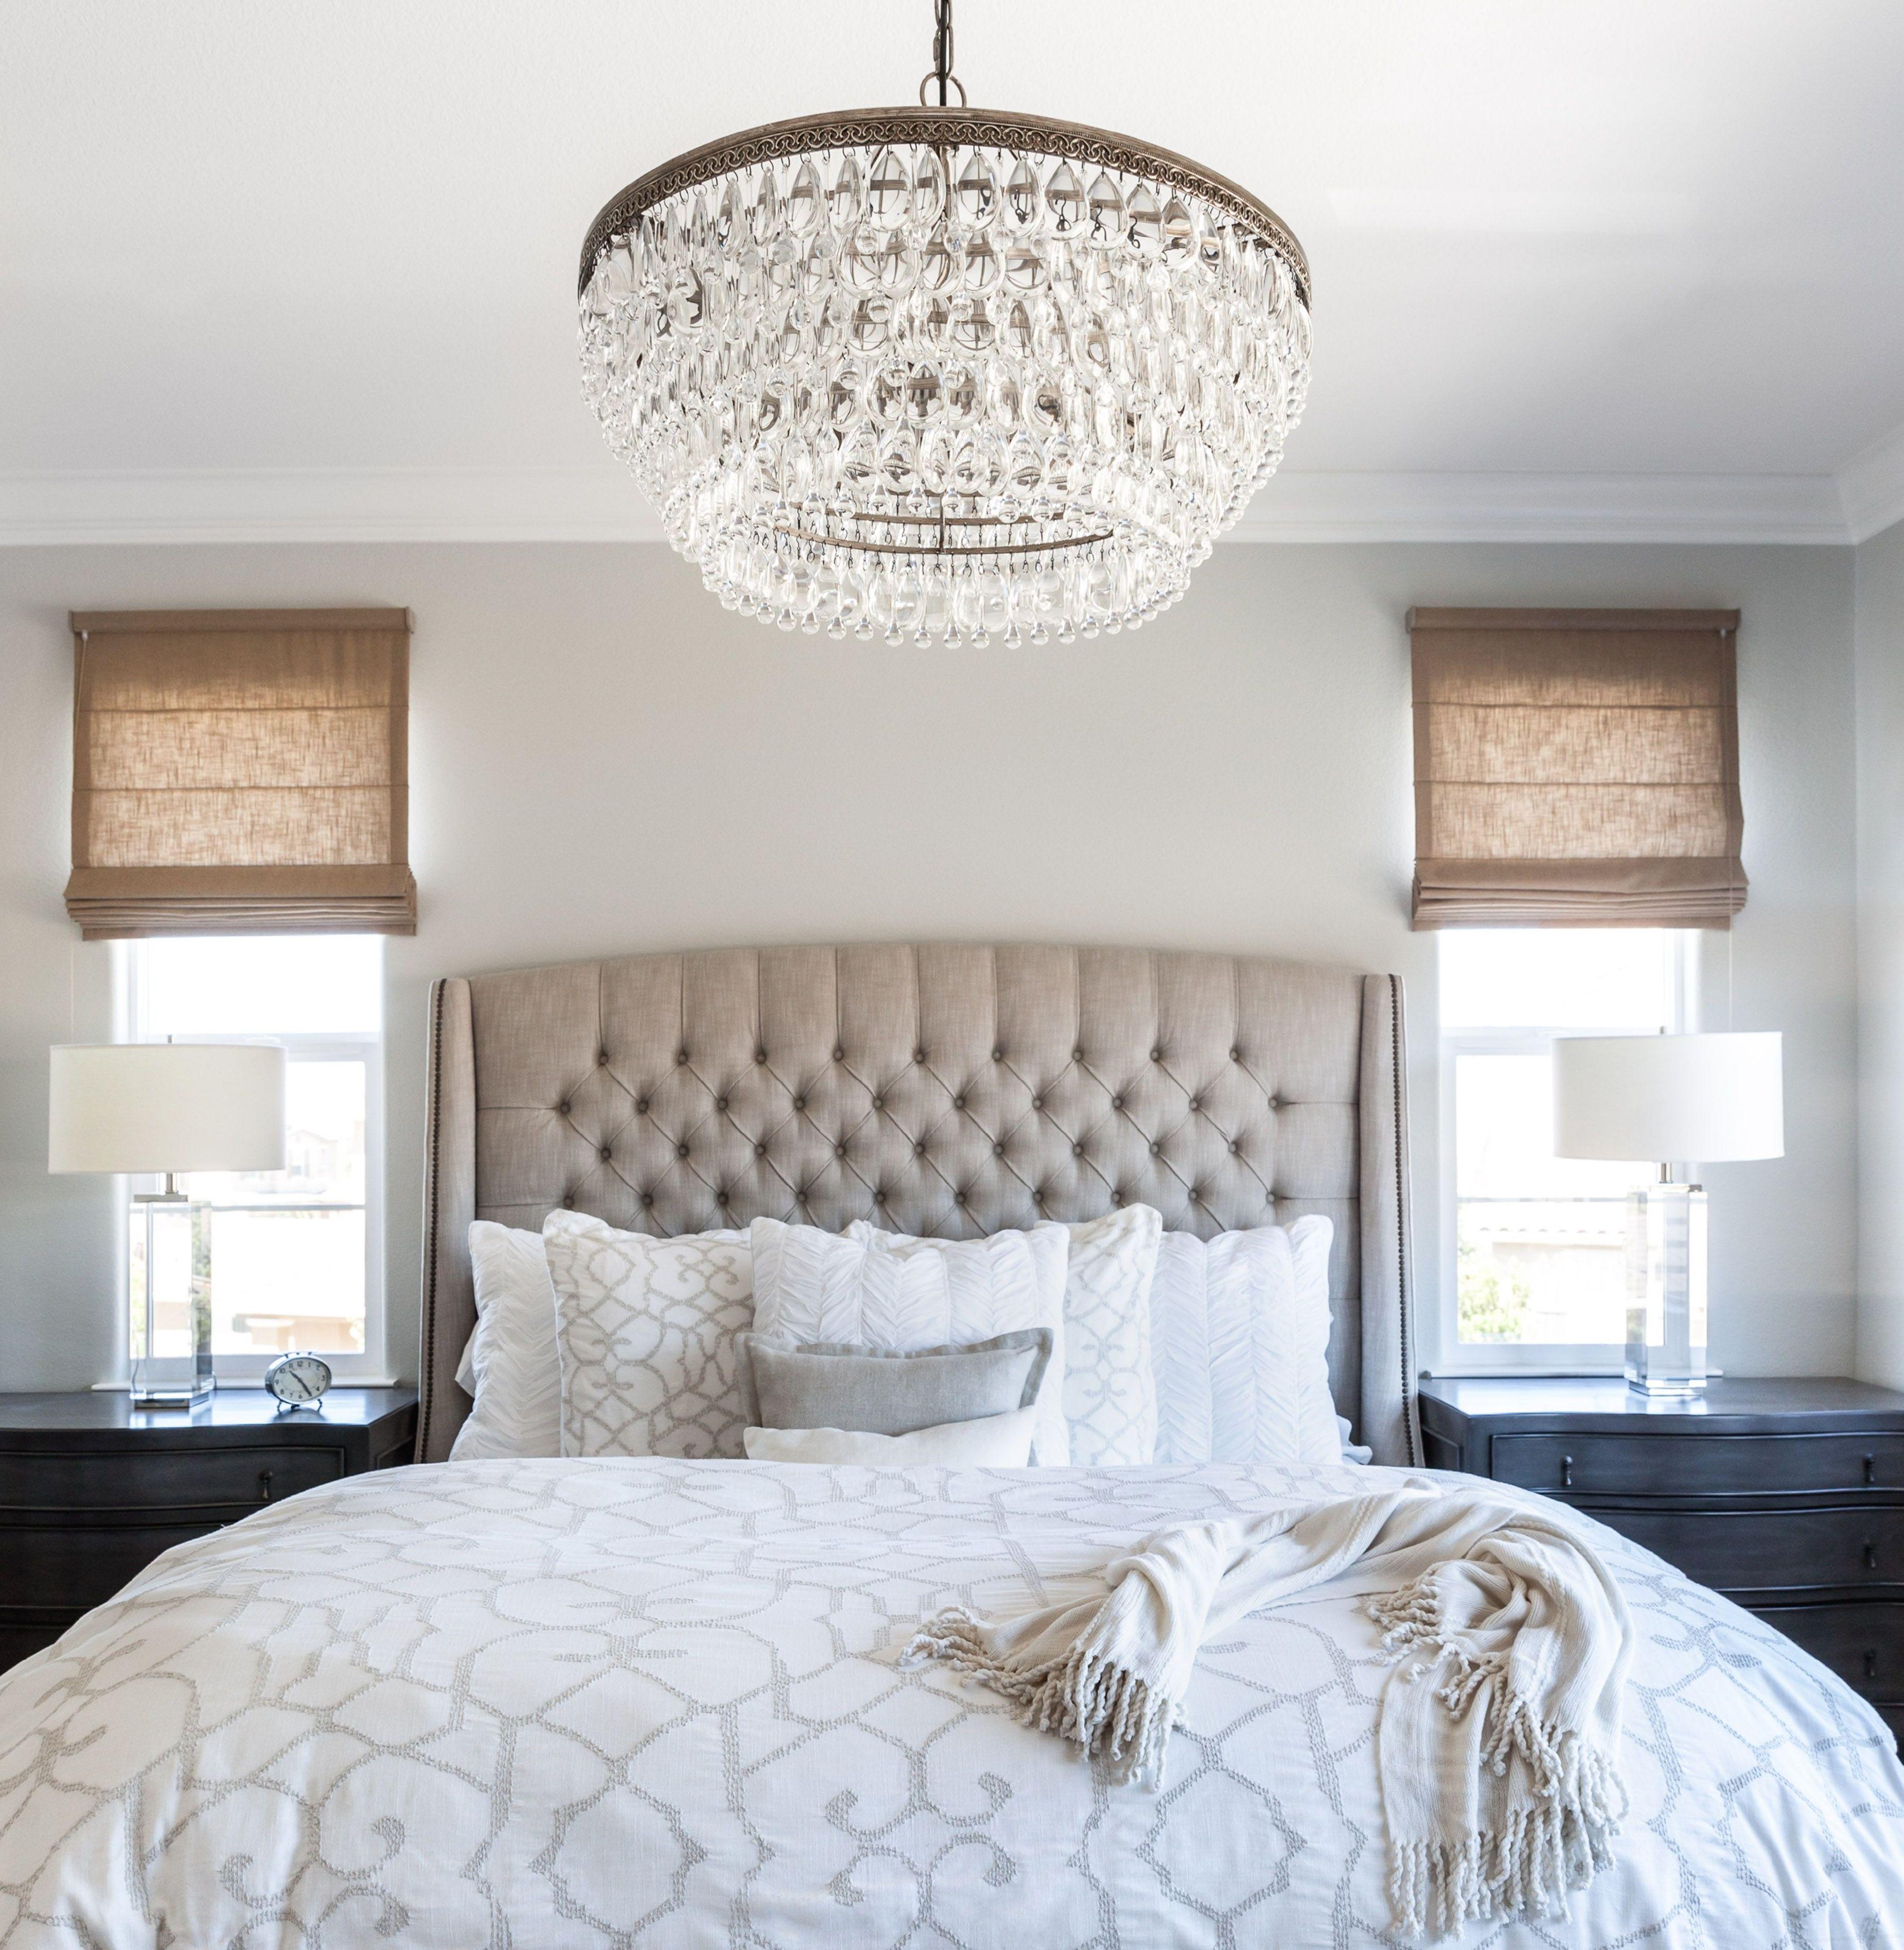 Small Bedroom Chandeliers Master Bedroom Linen Bed Roman